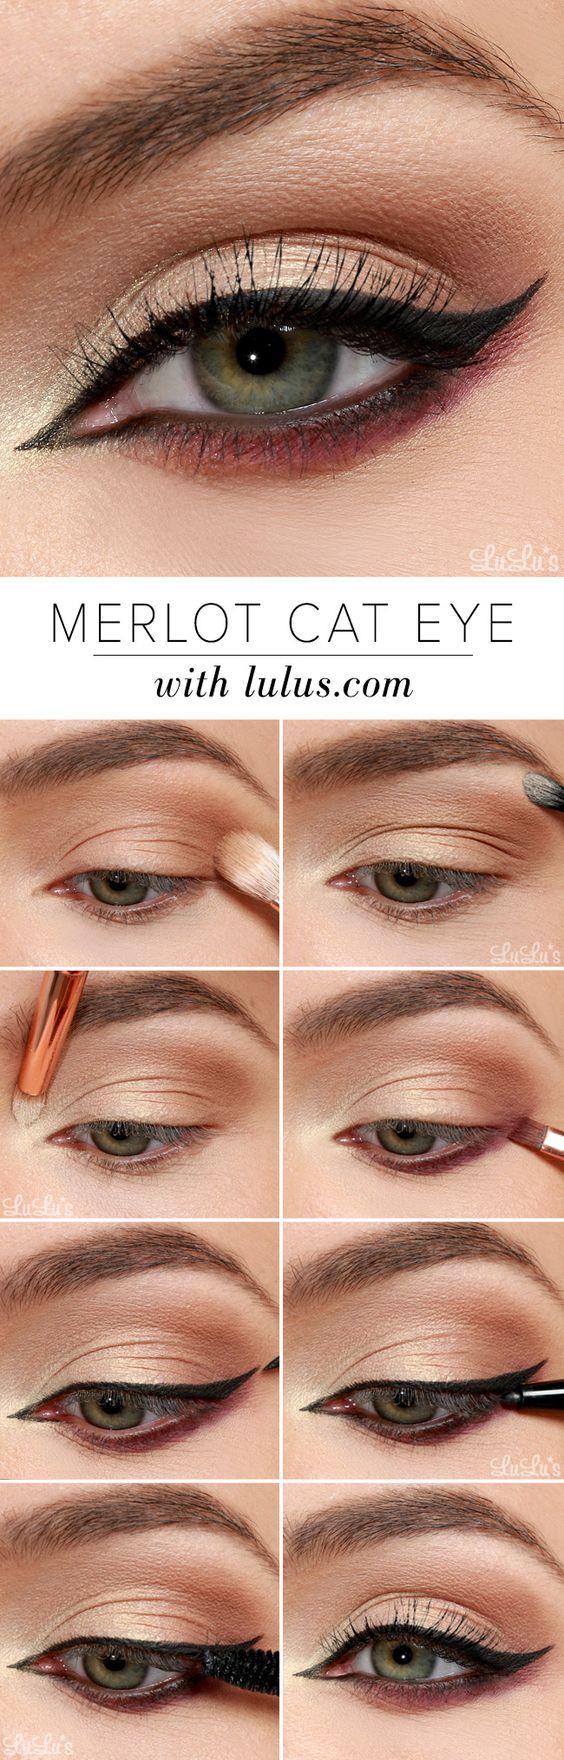 Макияж для зеленых цвет глаз